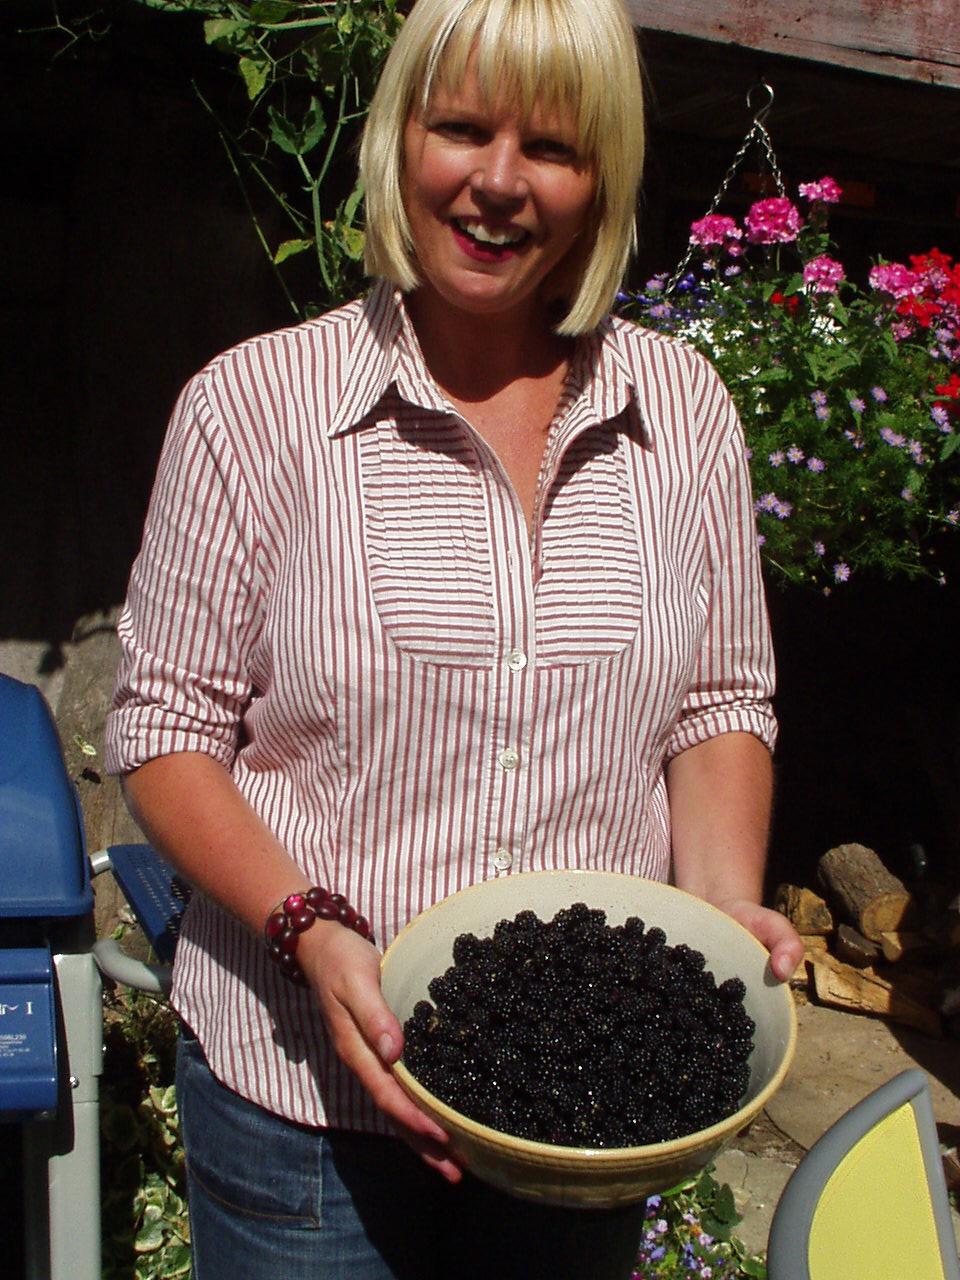 Jenny Kirwan (me!) looking pretty pleased with Sylvia's blackberries